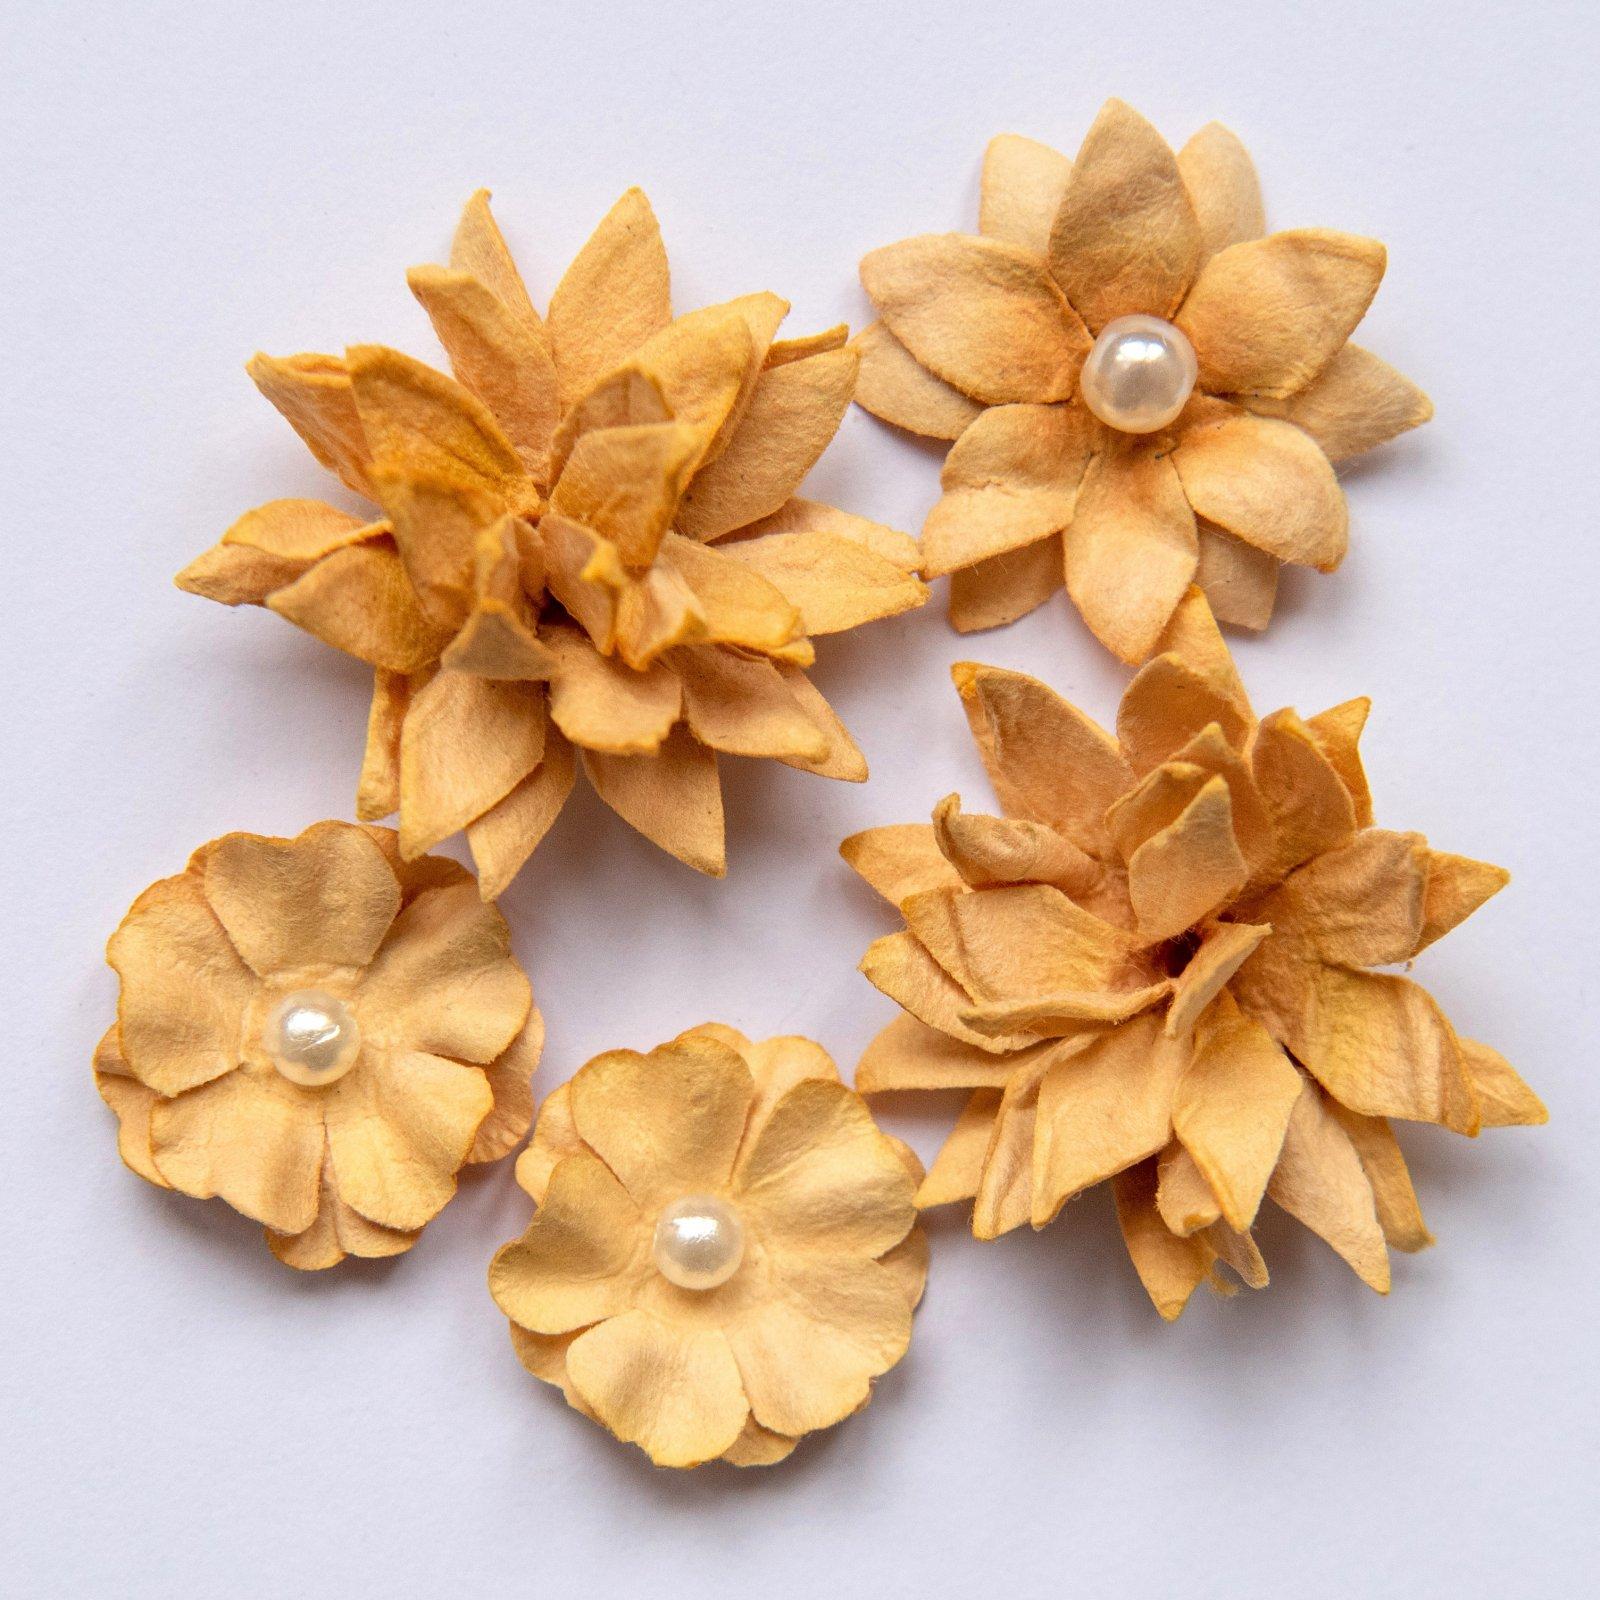 FLOWER MINI SERIES NO.1 - GINGER